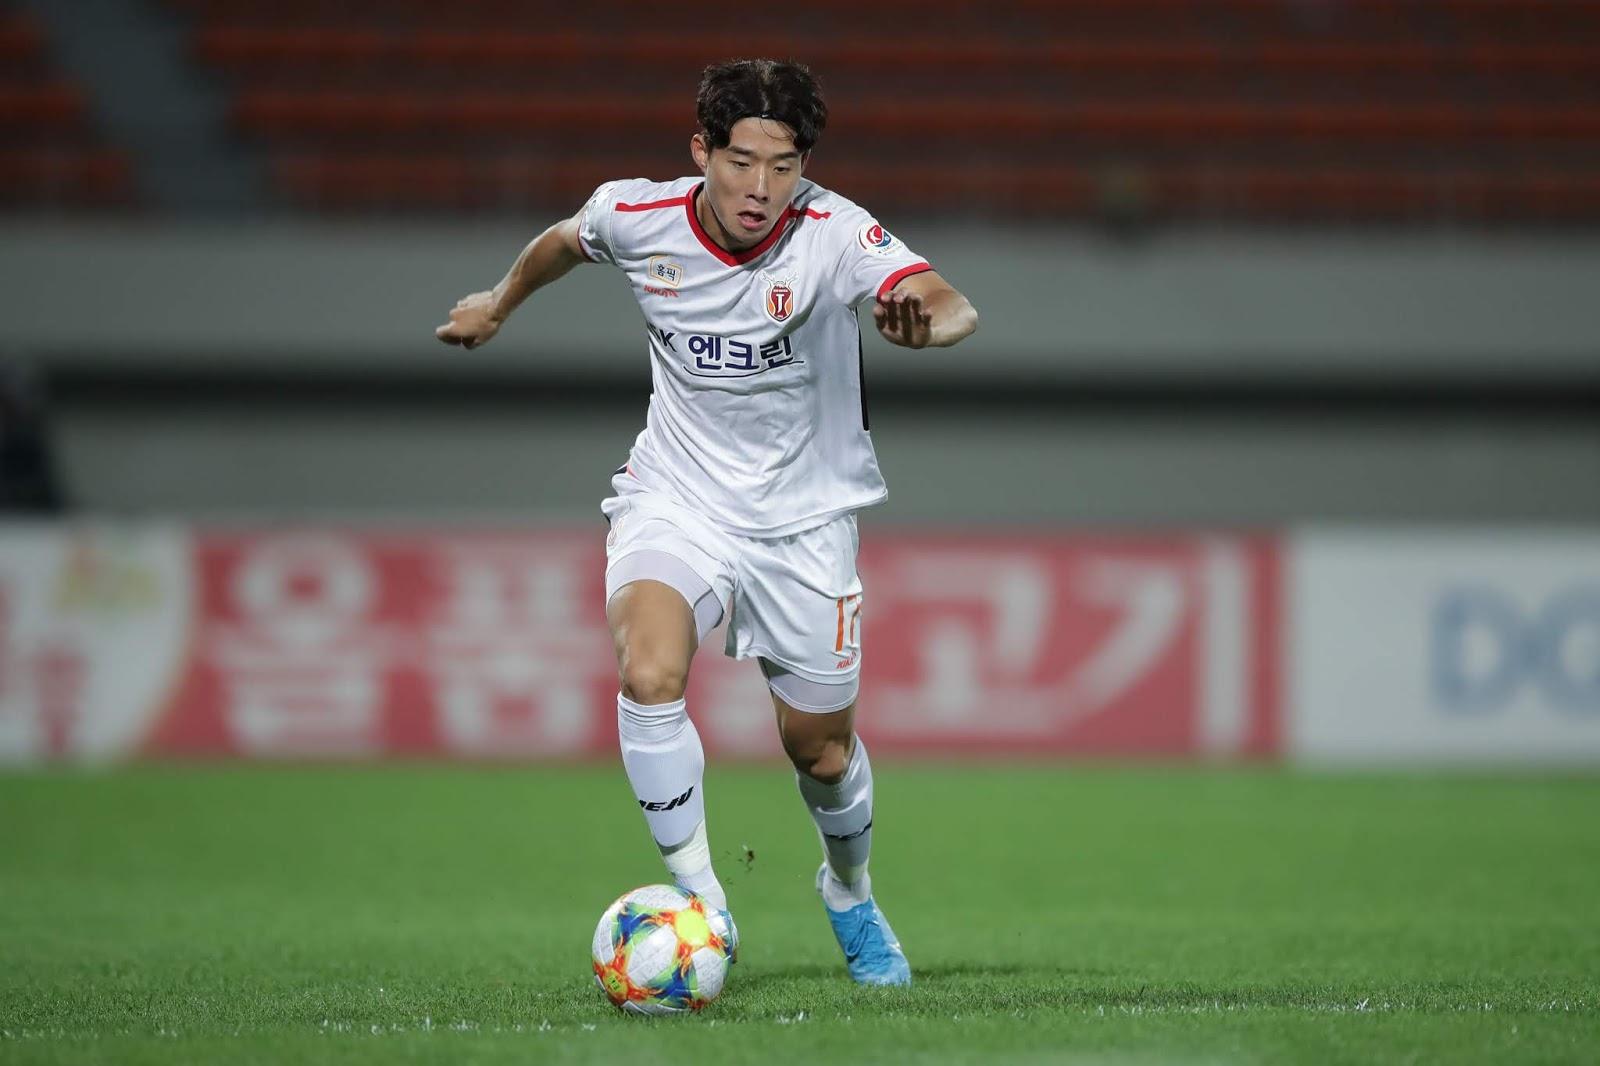 Ahn Hyun-beom vs Sangju 10.19.2019